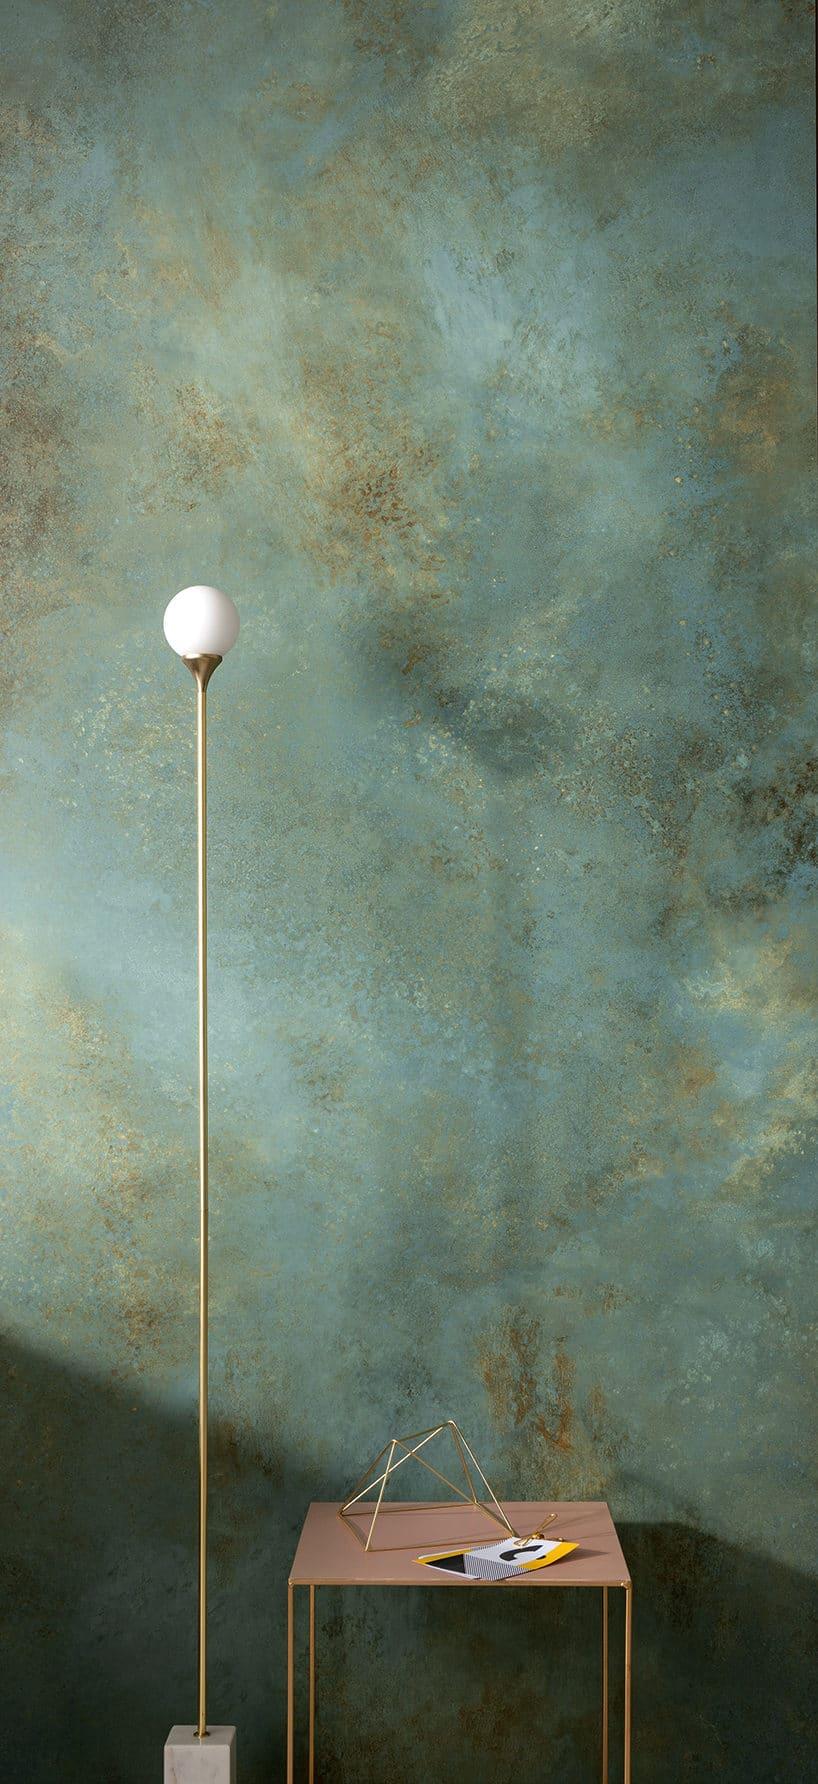 zielony kamień zbrązowymi drobinkami na ścianie jako tło dla małego stolika ipodłogowej lampki